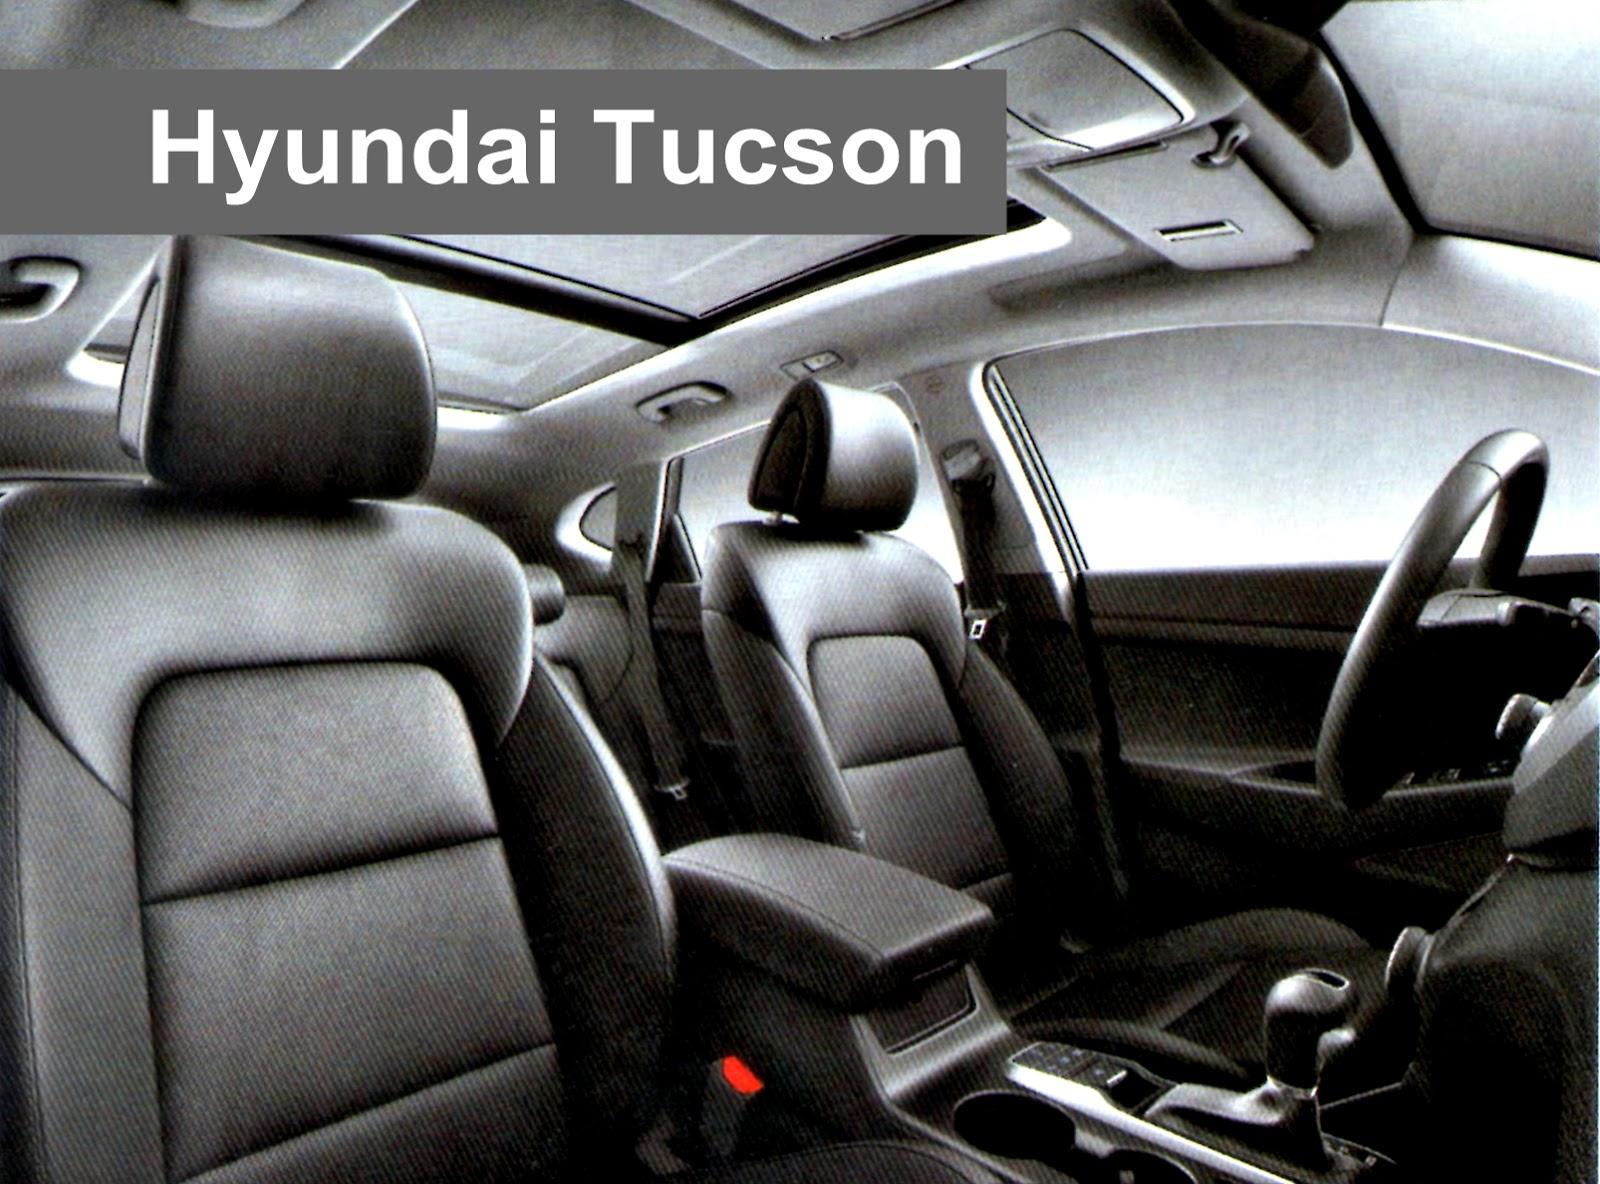 El nuevo tucson es un modelo muy atractivo y con buena relaci n de precio producto la versi n limited es la m s equipada y ofrece dentro de la gama un buen